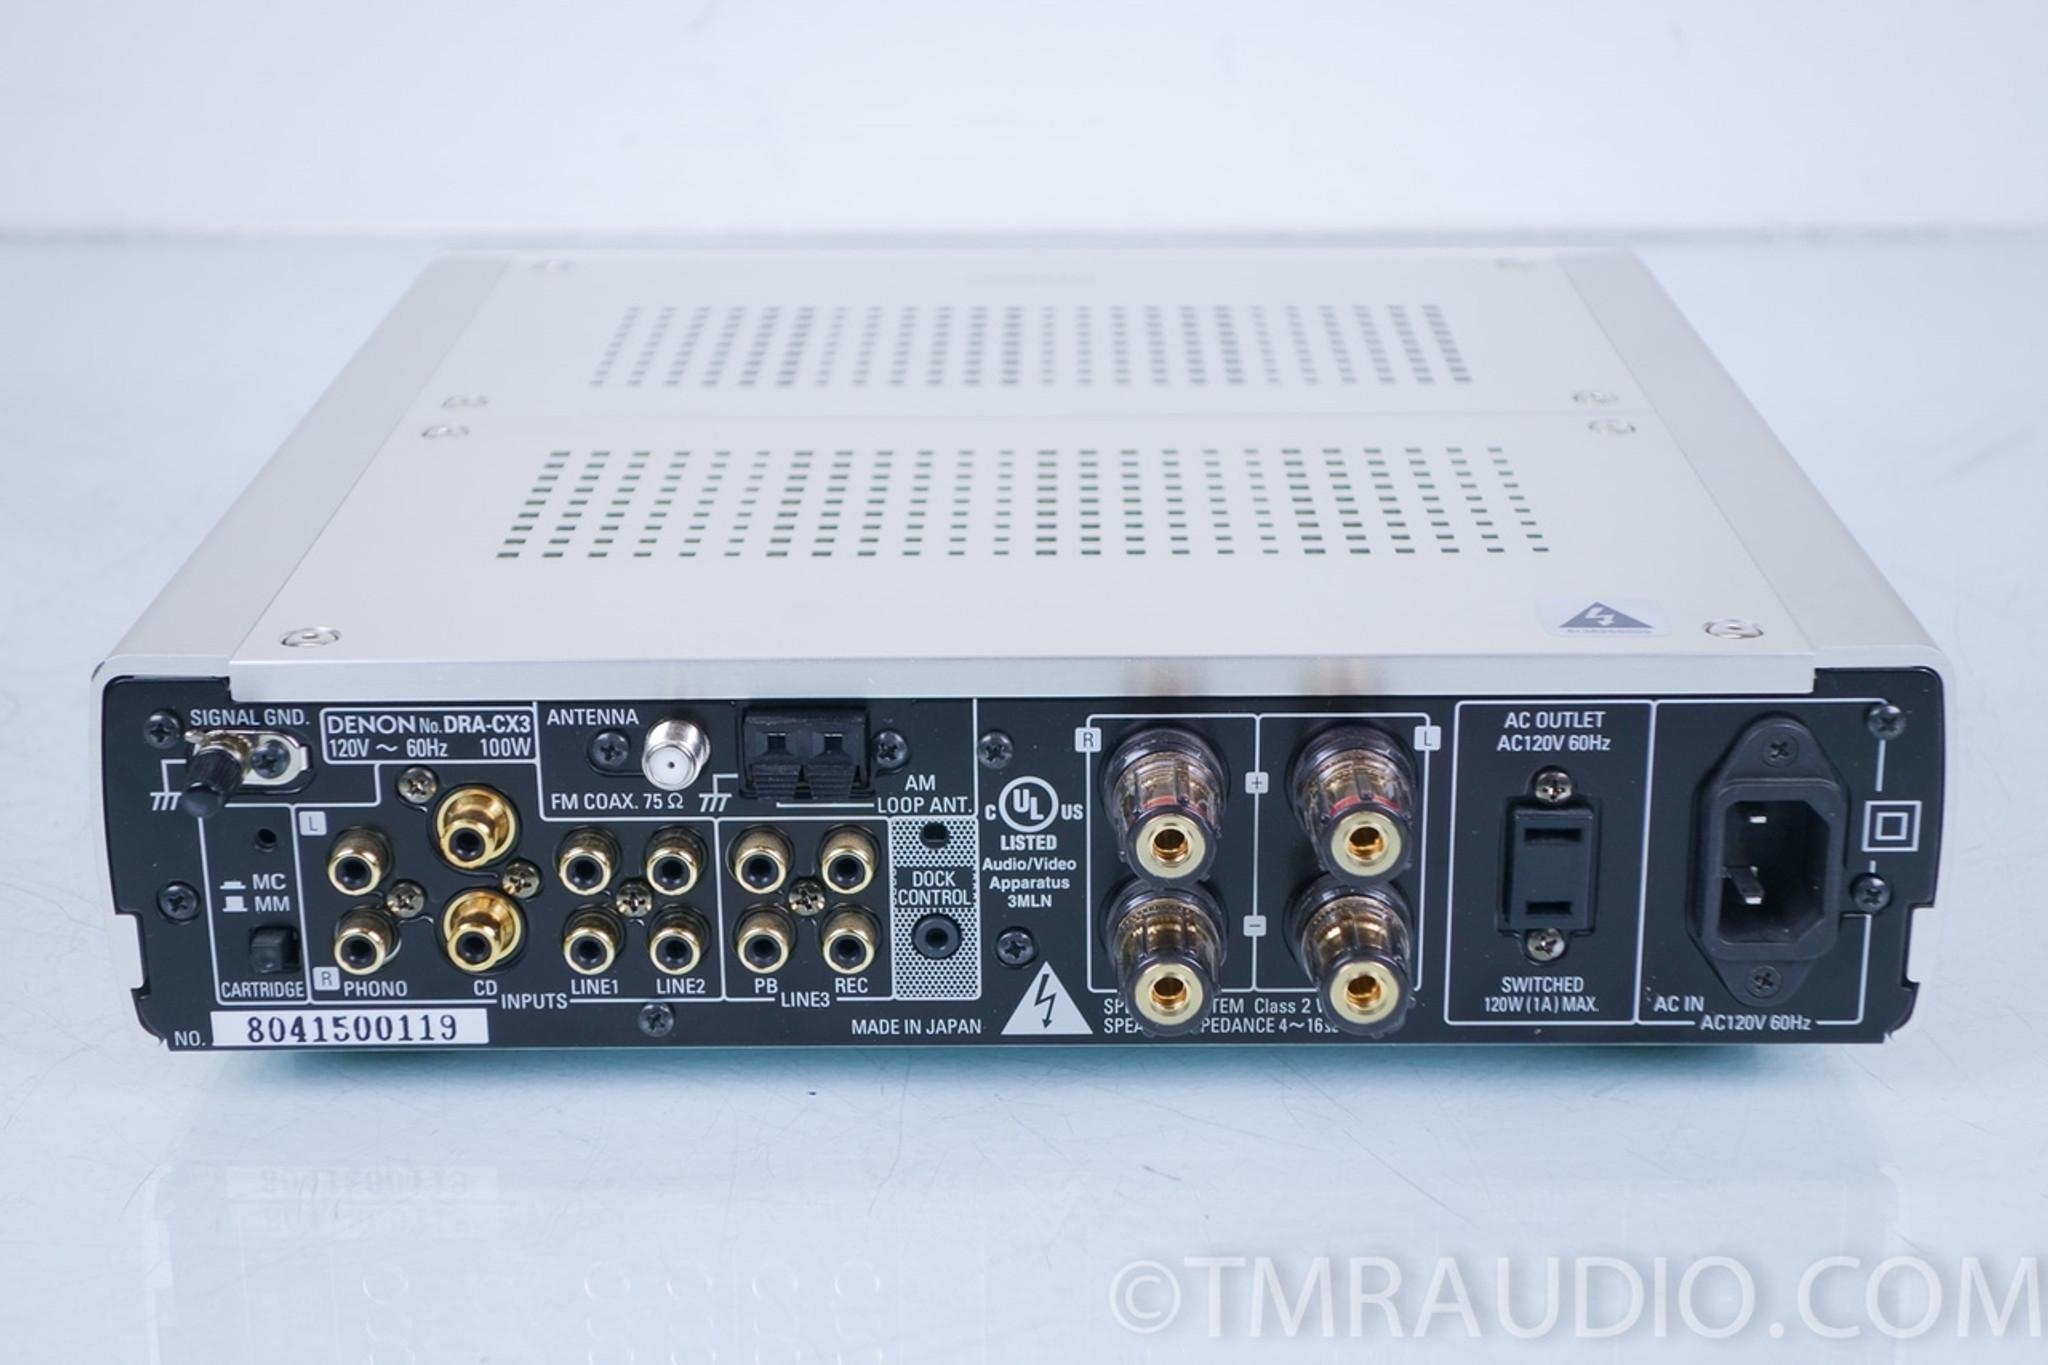 Denon DRA-CX3 Mini Compact Amplifier / Am / FM Receiver in Factory Box